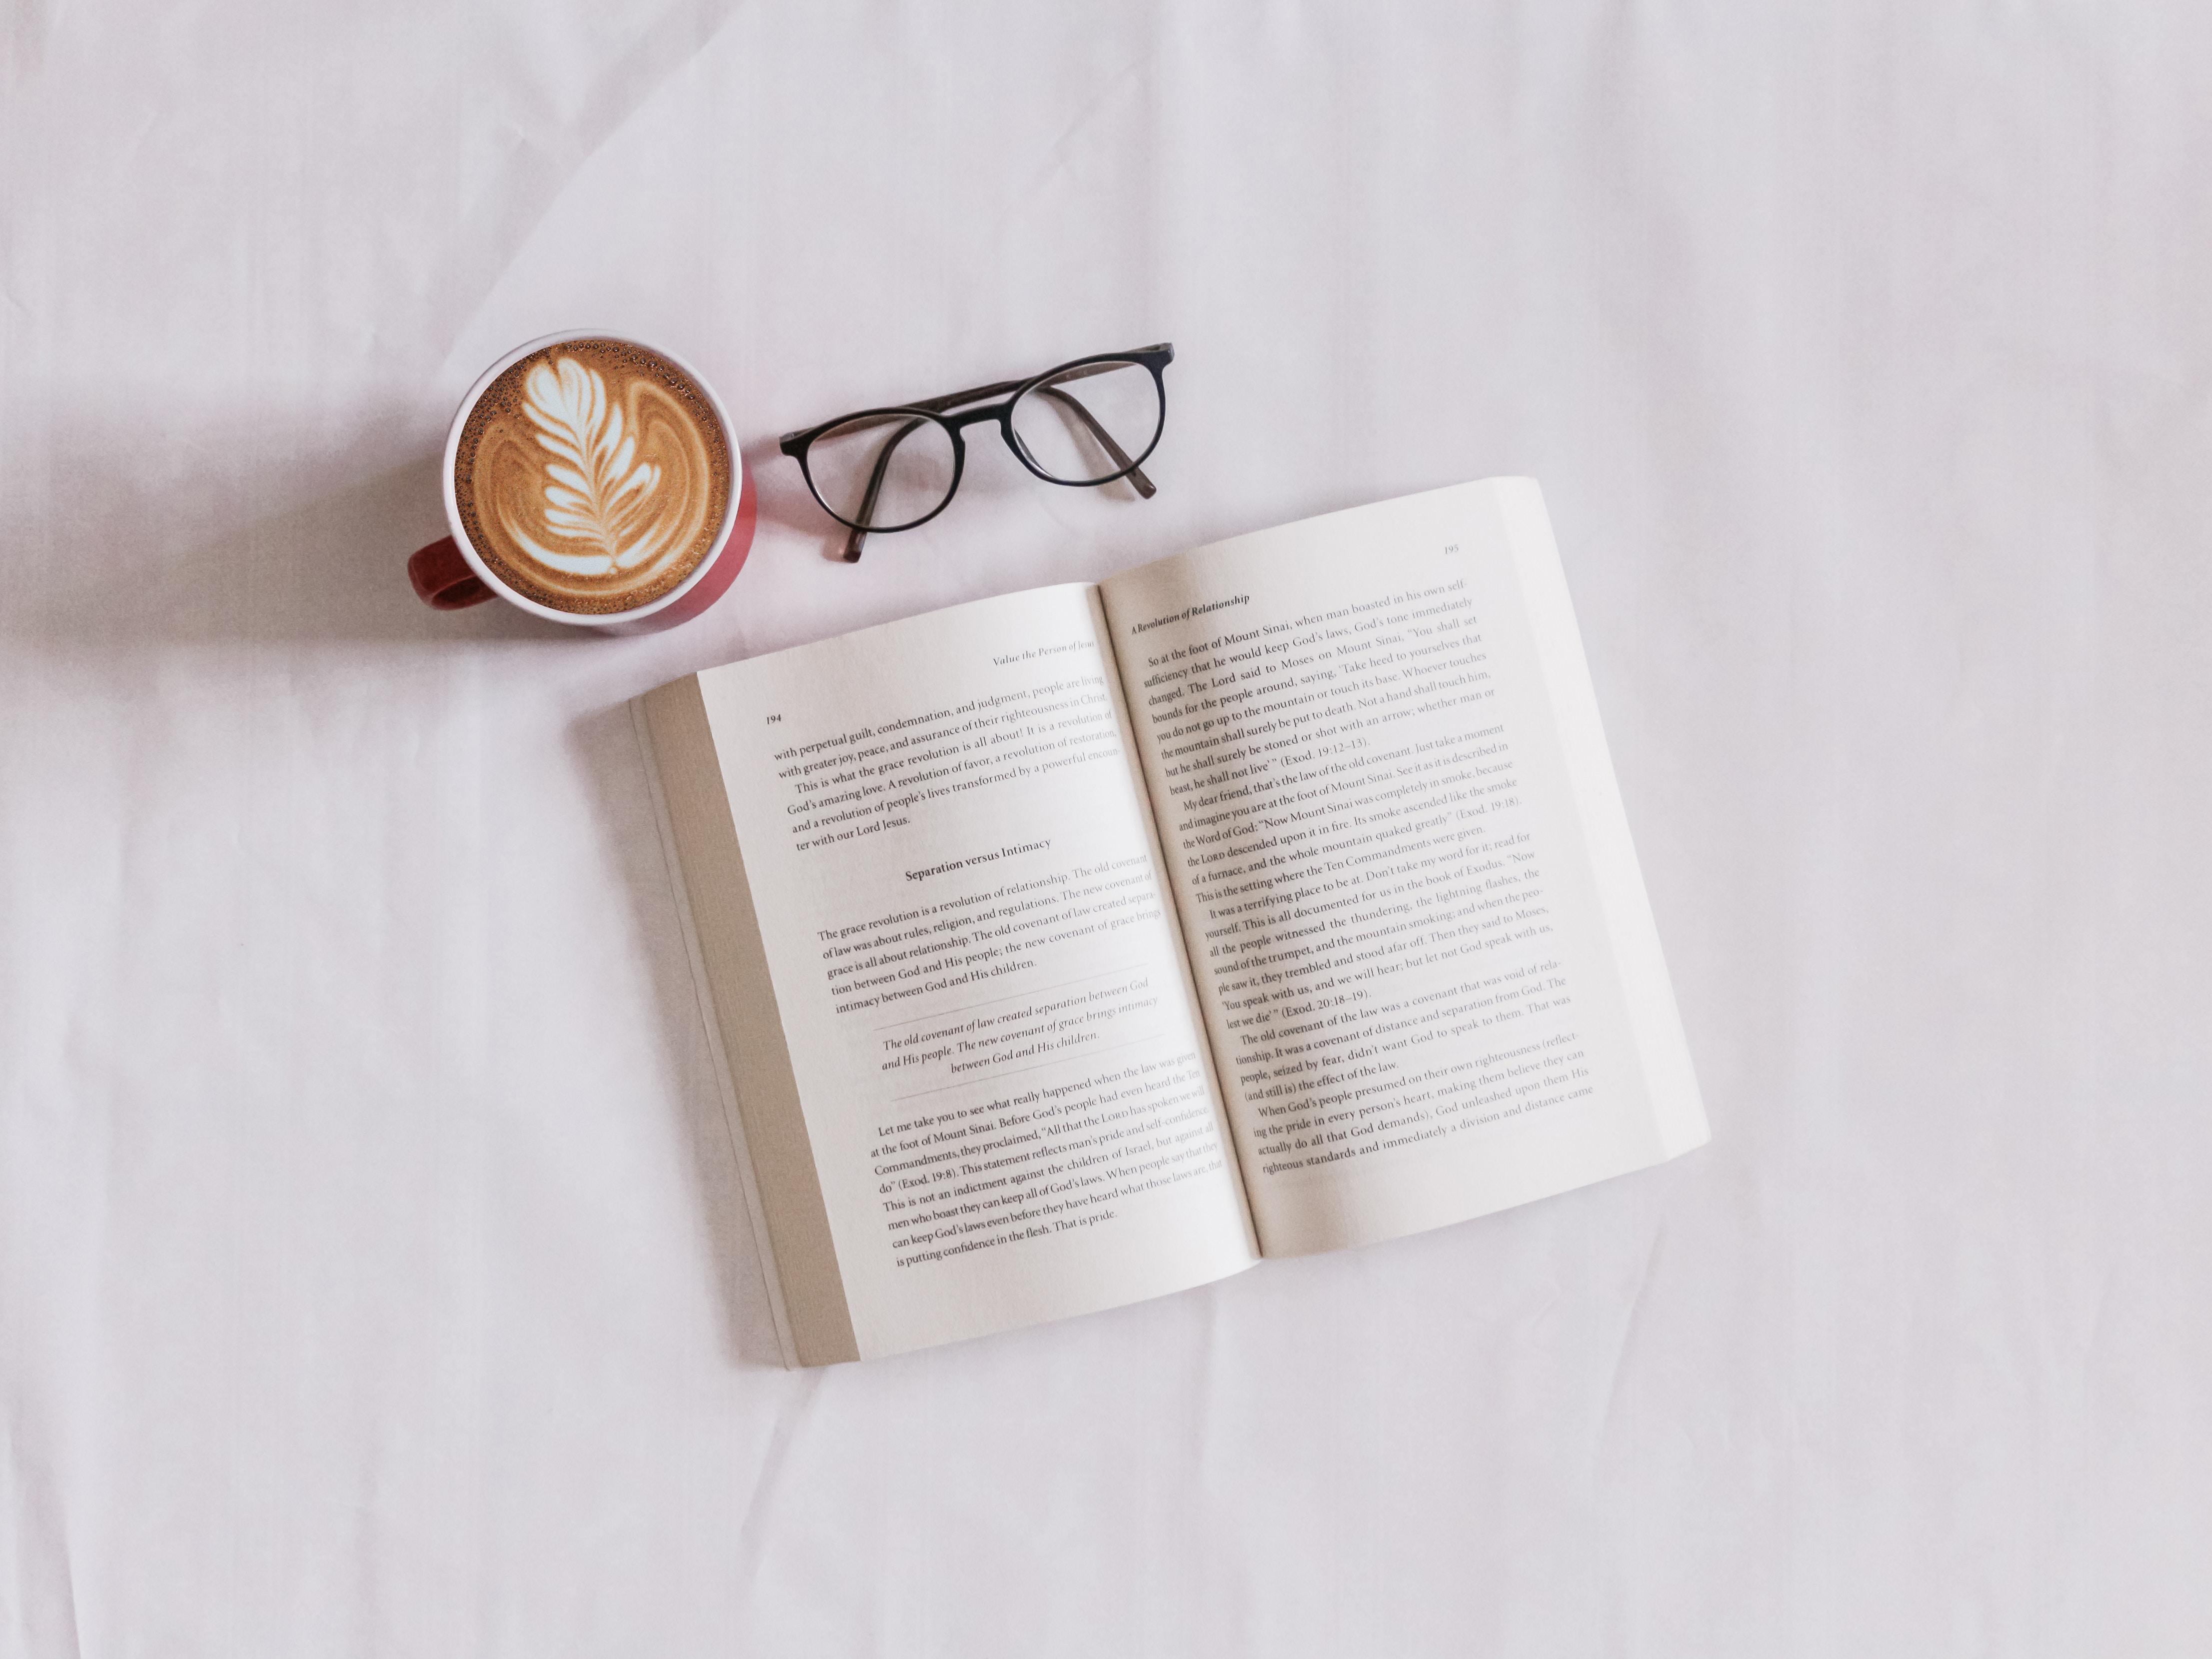 摂食障害克服に役立つ書籍紹介